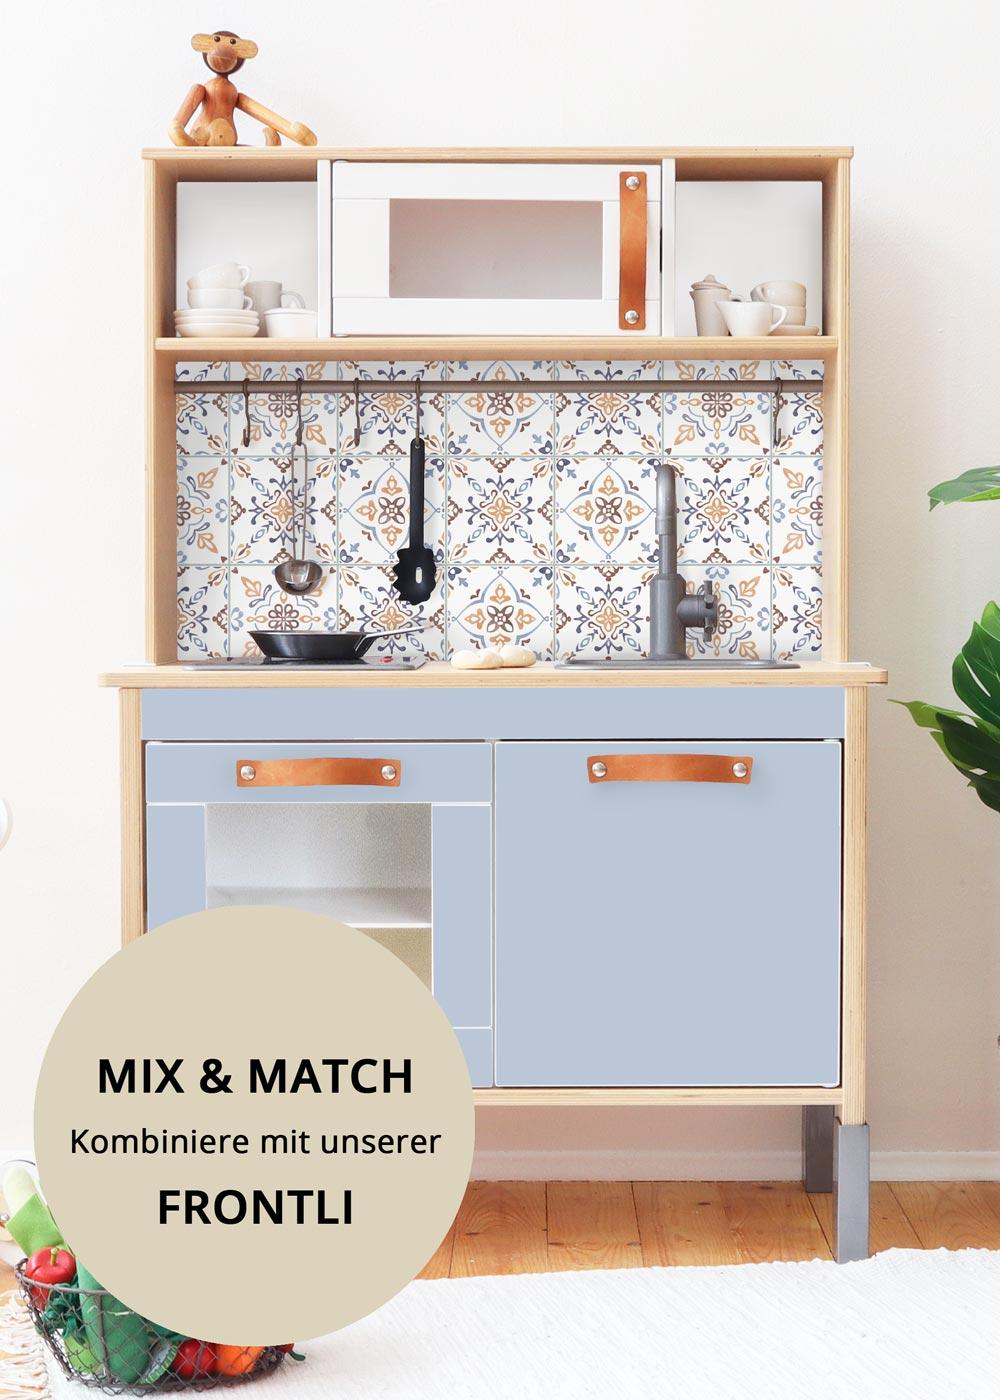 Ikea Duktig Kinderküche Kachla Mediterano Nordisch blau Druckvorlage